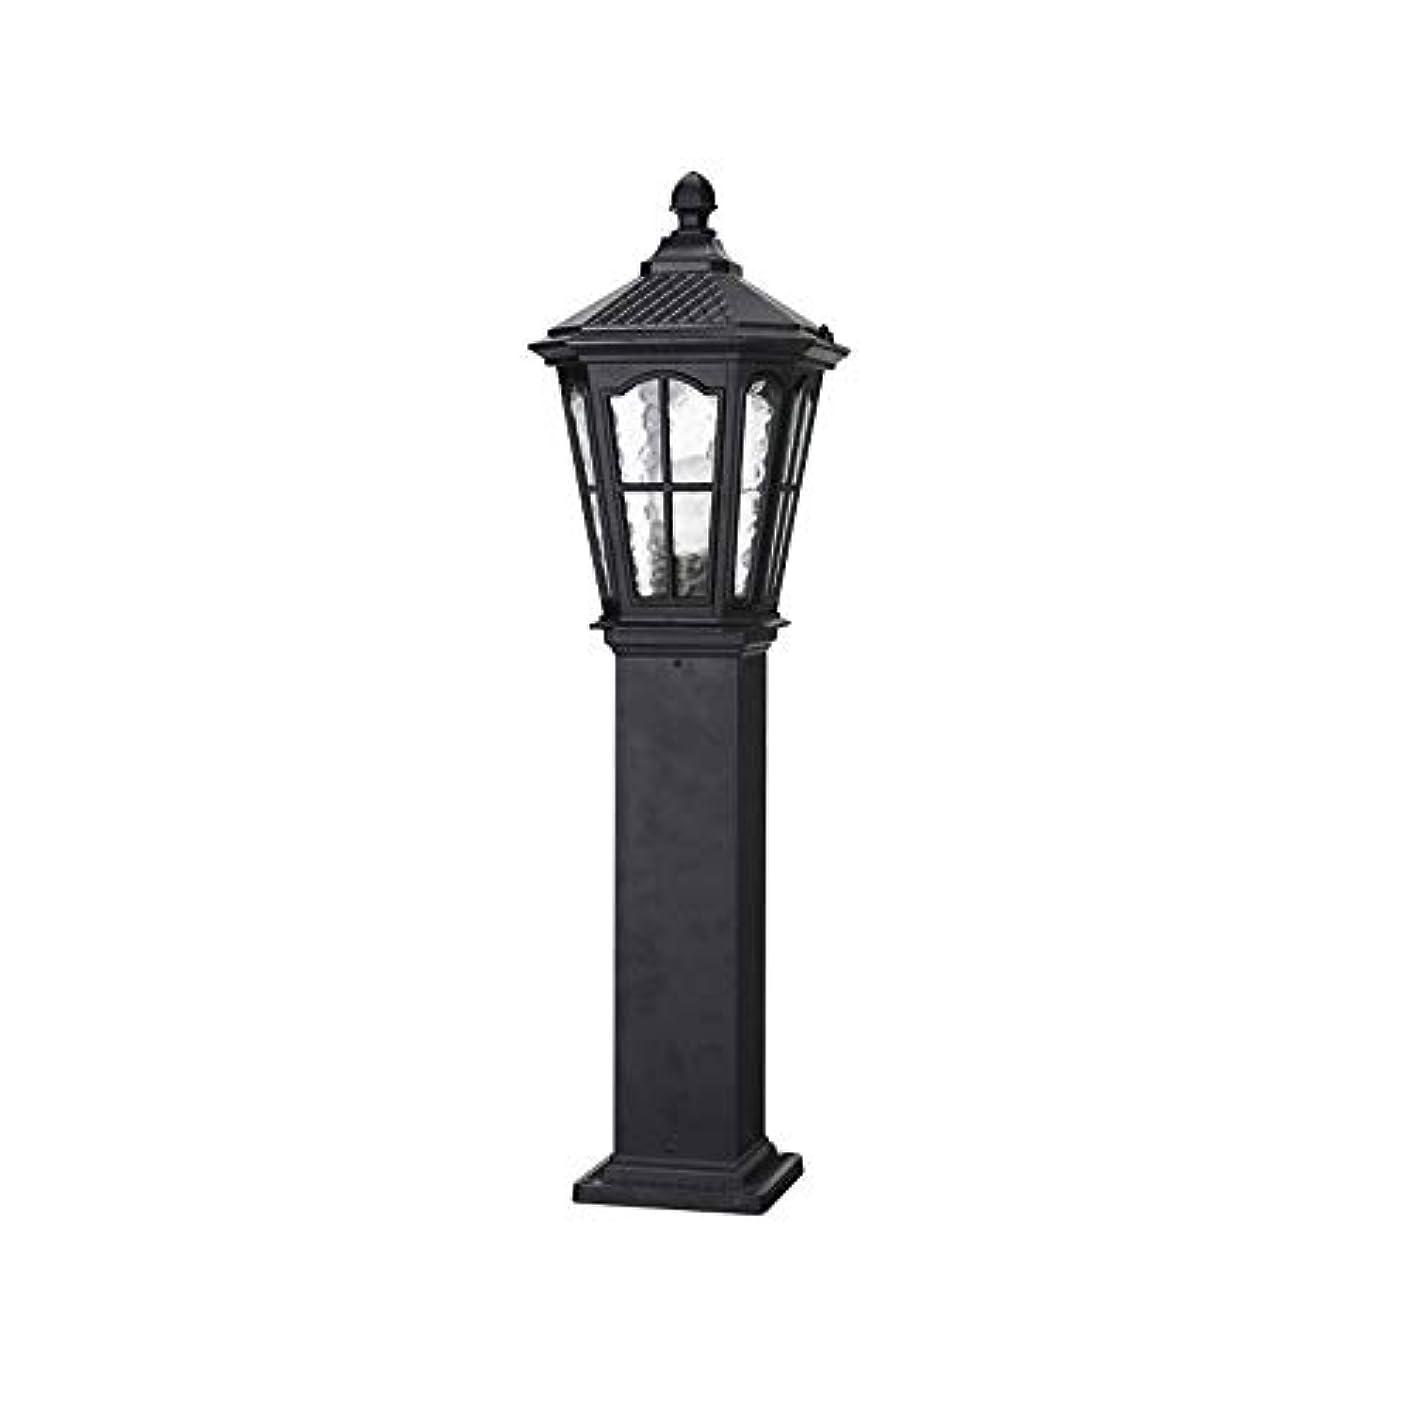 熟考する境界華氏Pinjeer 風景ライトip54防水ヴィンテージガラスe27ポストライト屋外ヨーロッパアルミコラムランプガーデン芝生ストリートヴィラ世帯コミュニティ装飾ピラーライト (Color : Black, サイズ : Height 60cm)